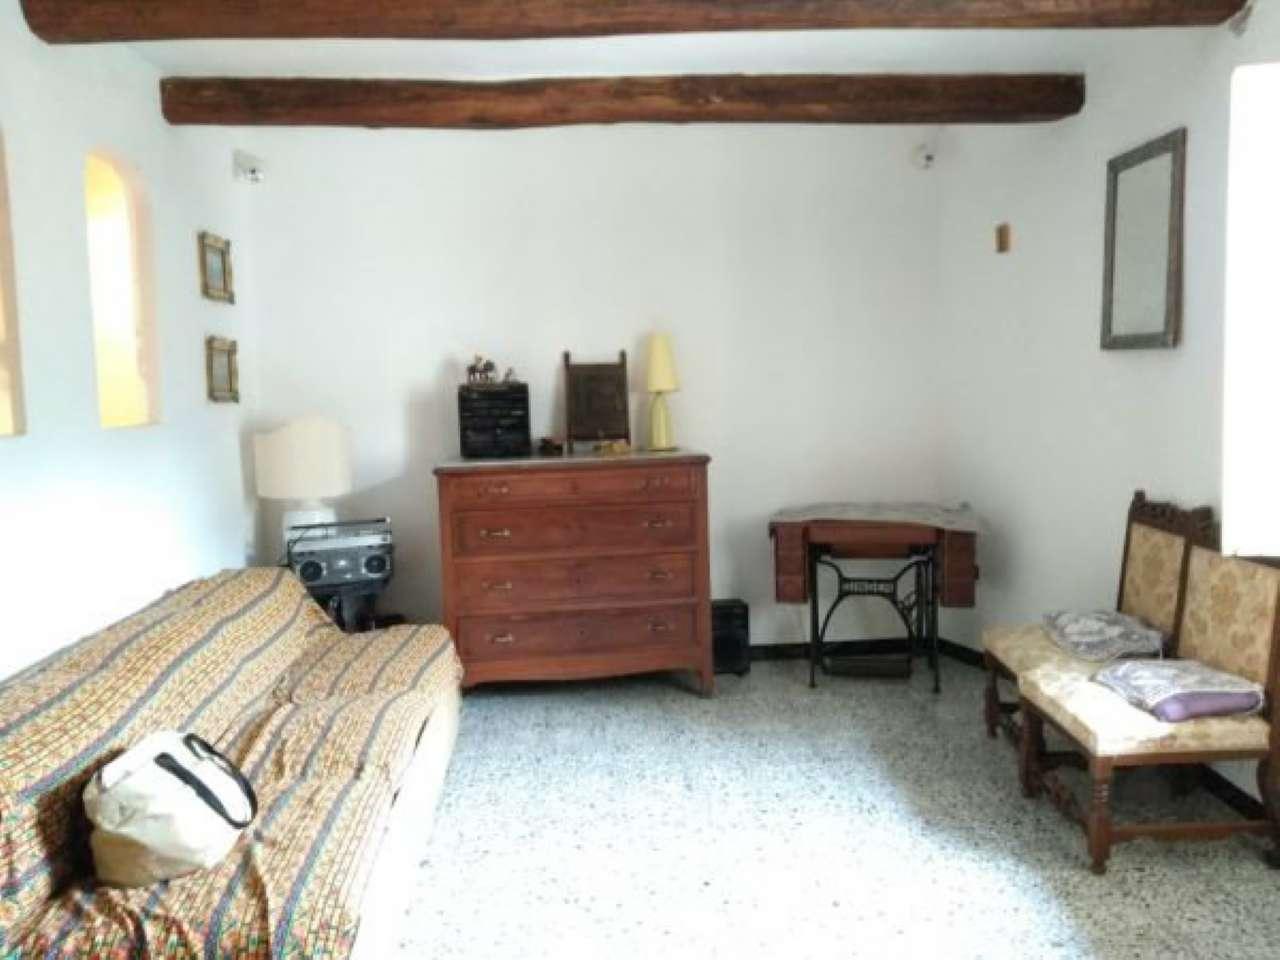 Appartamento in vendita a Bassano in Teverina, 4 locali, prezzo € 45.000 | CambioCasa.it